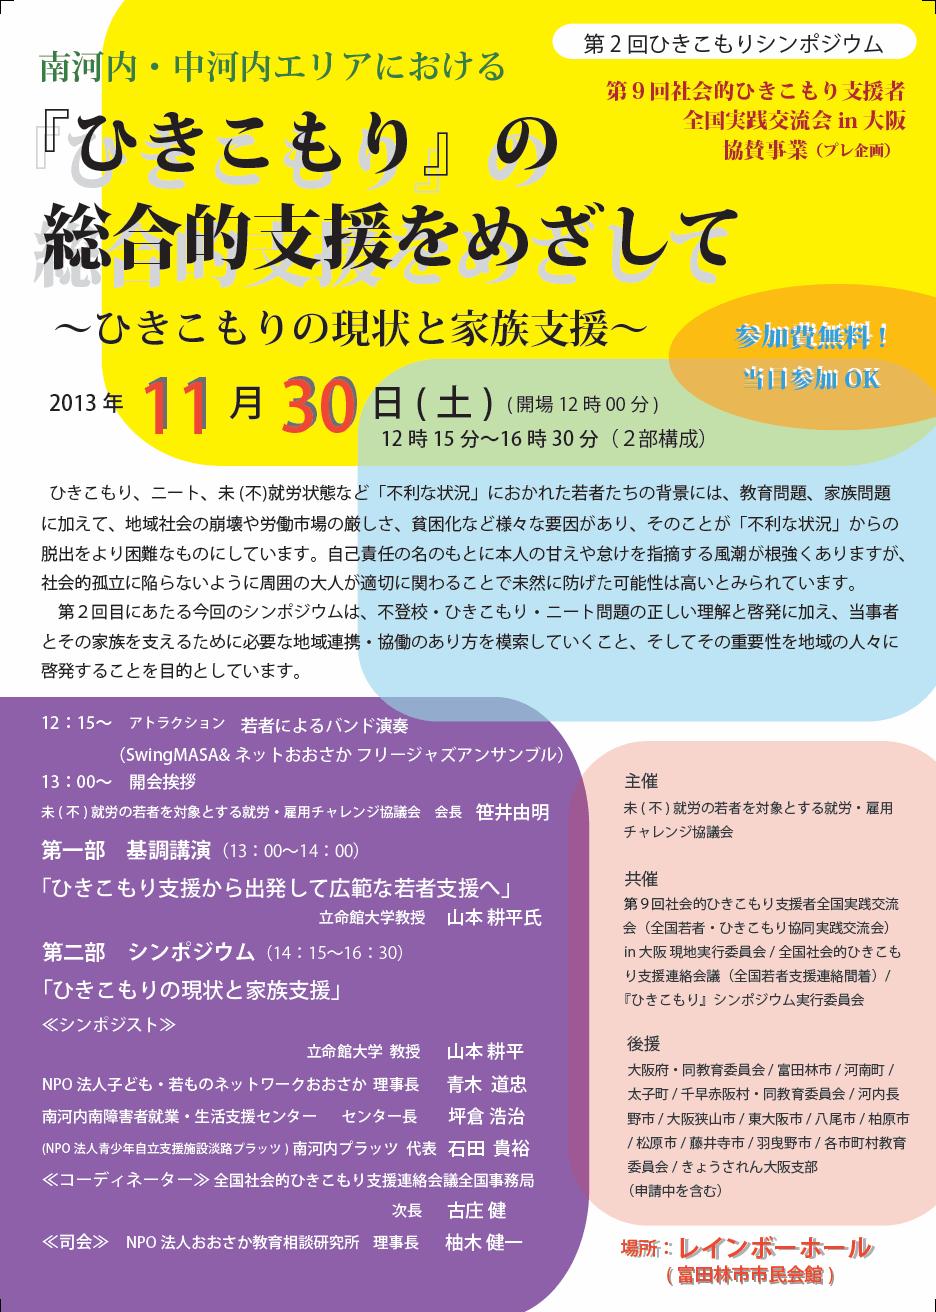 2013_11_30_hikikomori_1